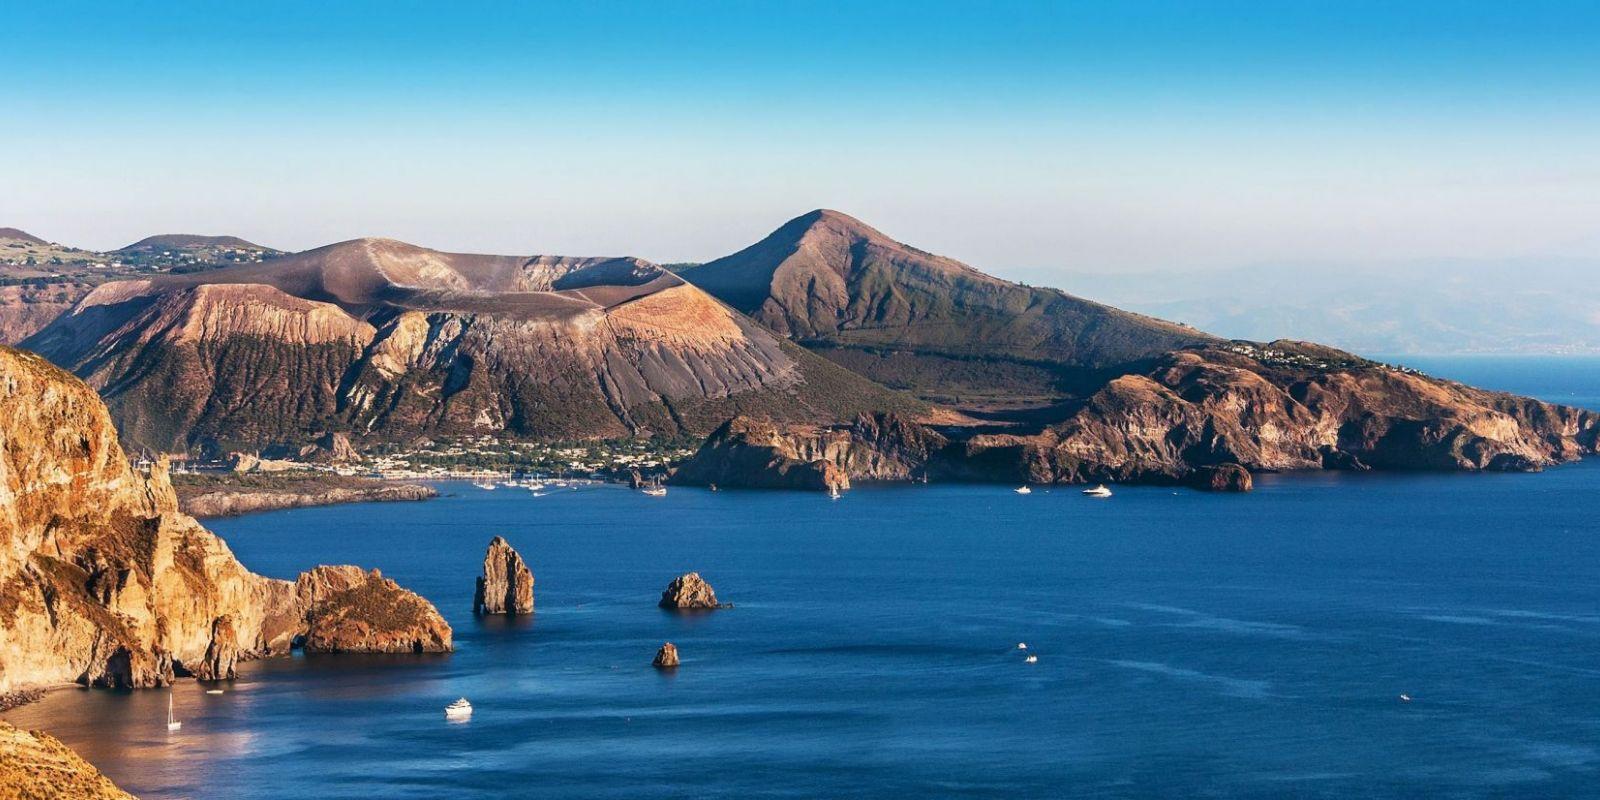 https://www.talamare.fr/medias/Location de yacht en Sicile, louer un yacht dans les îles éoliennes